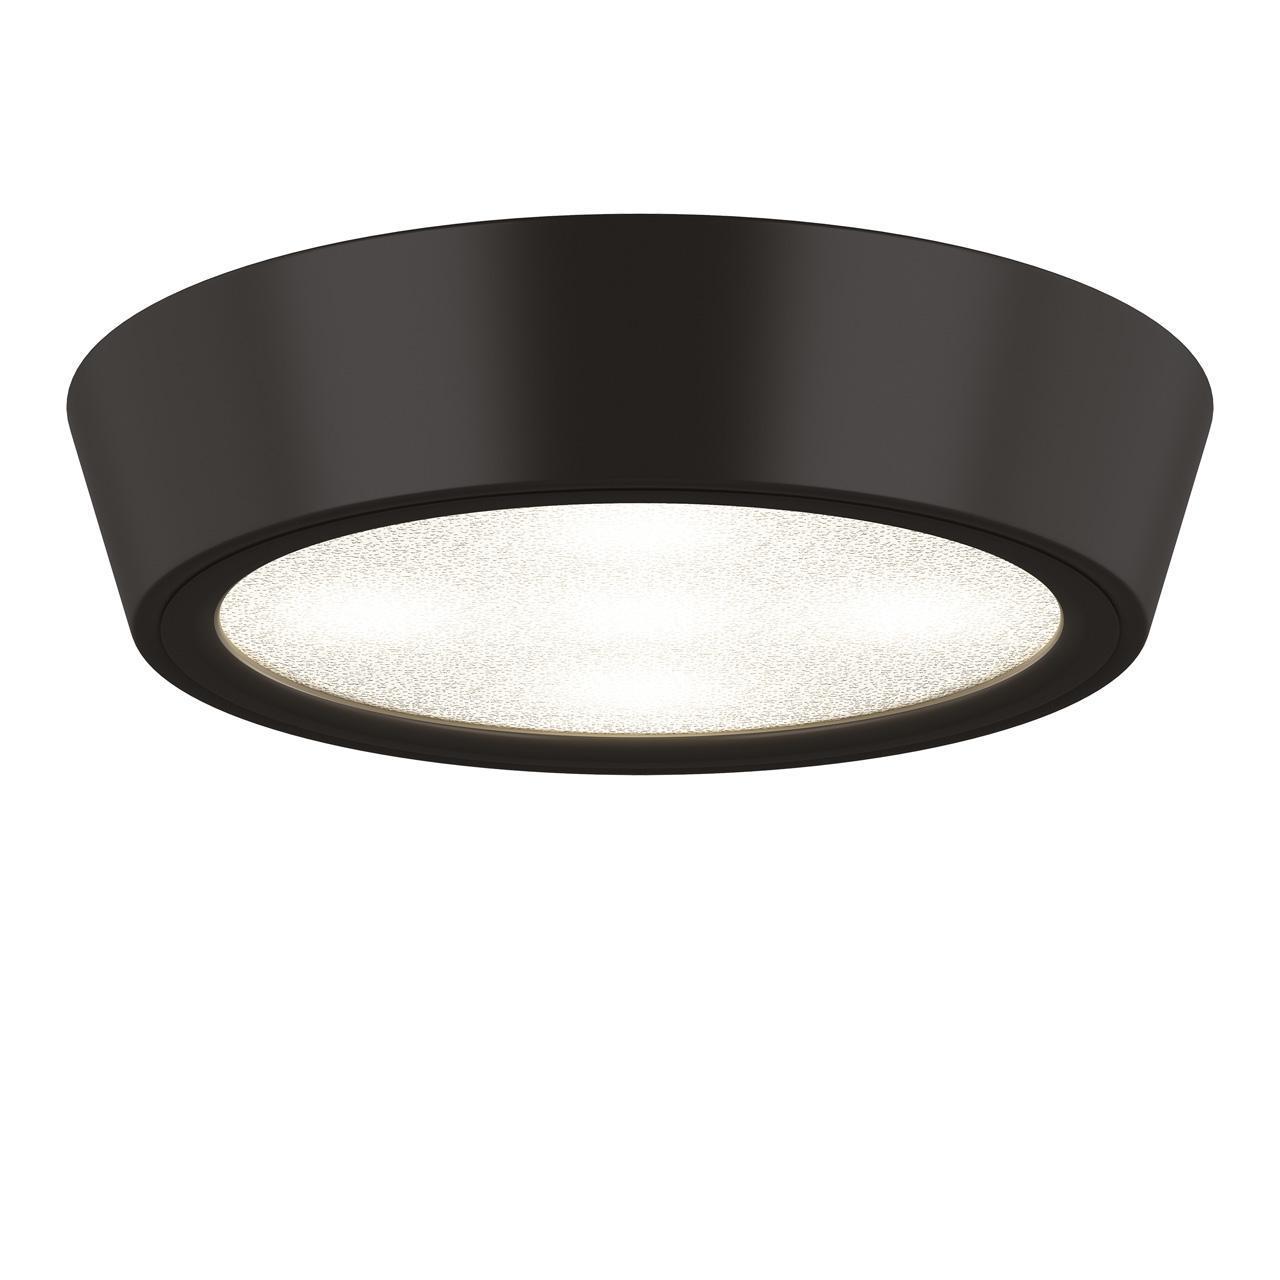 Потолочный светодиодный светильник Lightstar Urbano 214972 накладной светильник lightstar urbano 214972